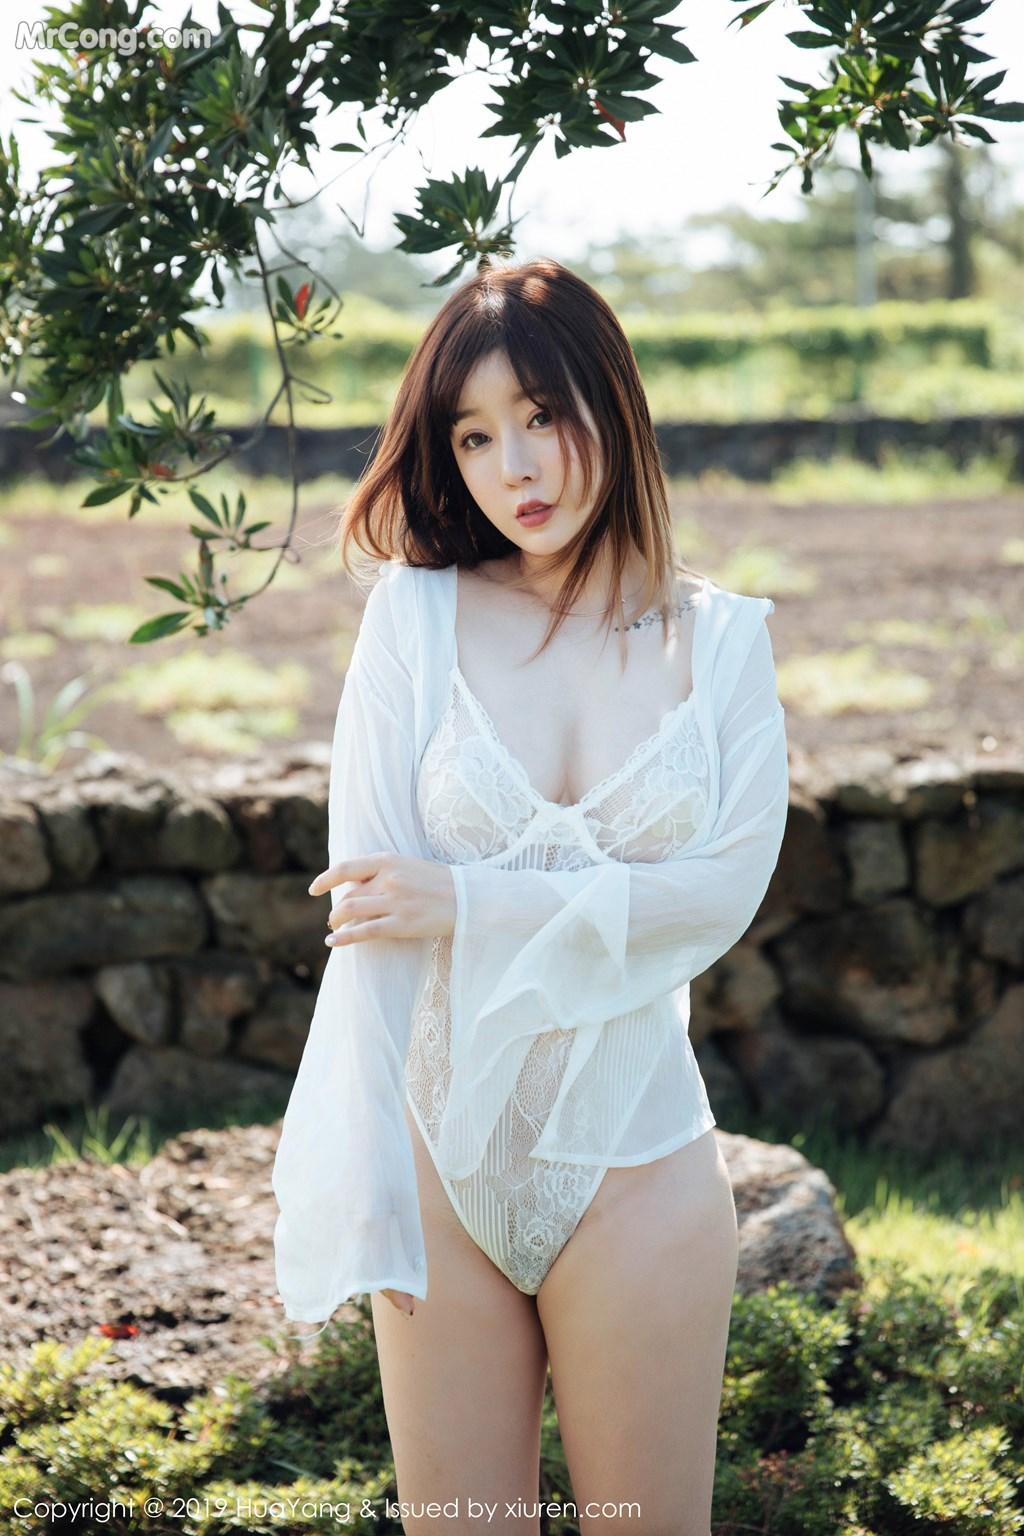 Image HuaYang-2019-05-08-Vol.138-Wang-Yu-Chun-MrCong.com-001 in post HuaYang 2019-05-08 Vol.138: Wang Yu Chun (王雨纯) (42 ảnh)